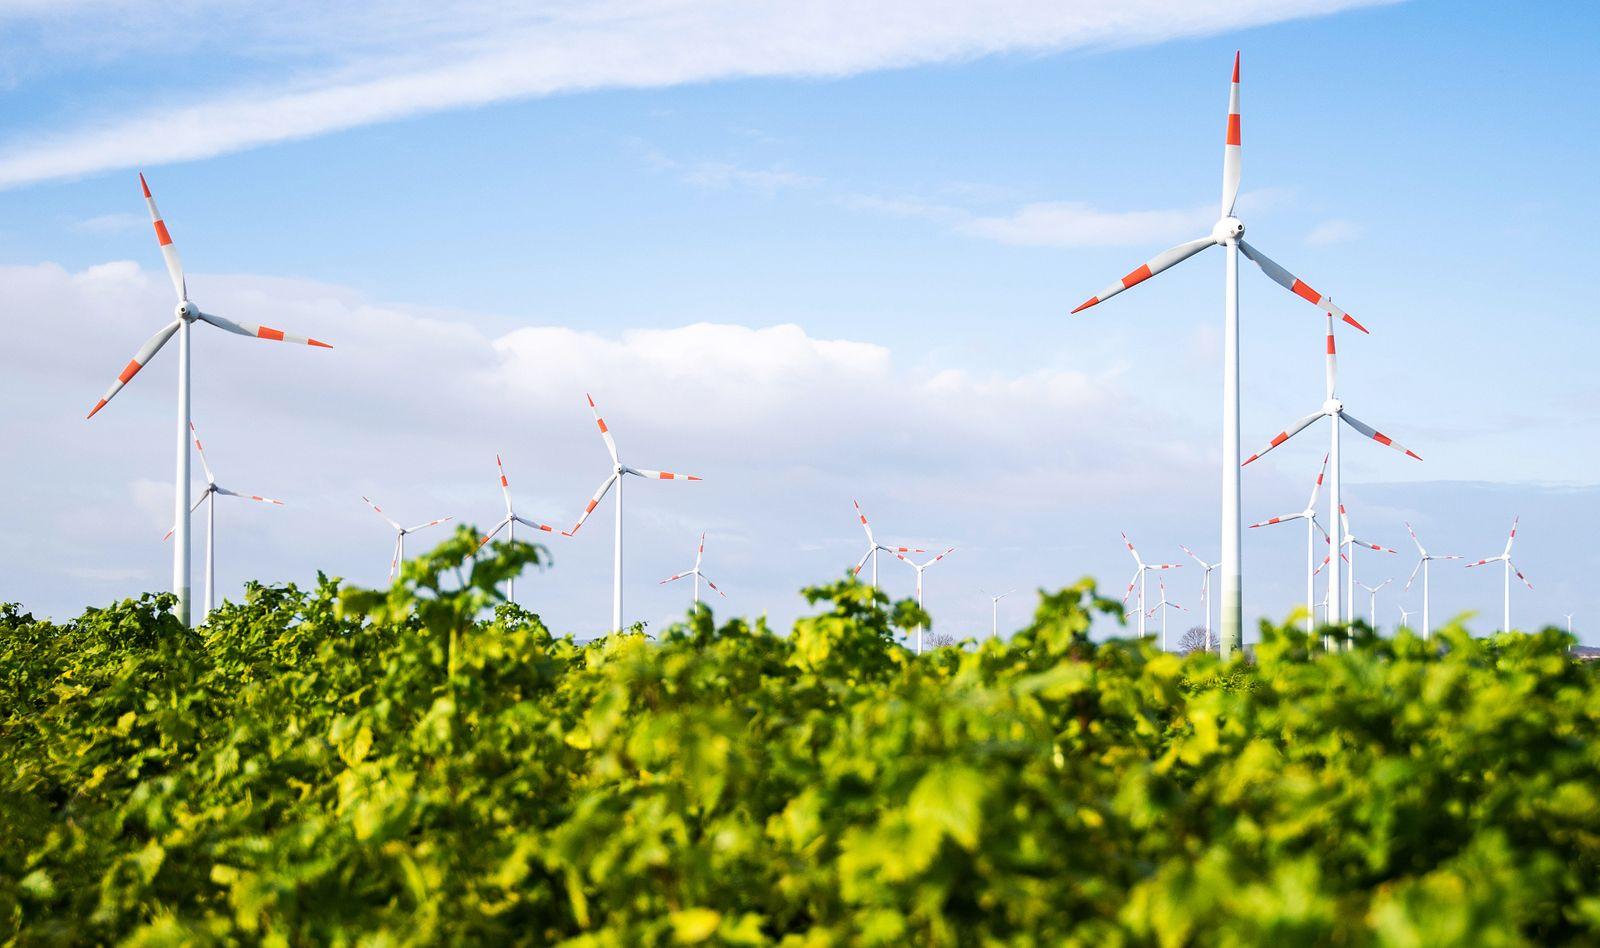 Pläne für Windenergie in Niedersachsen